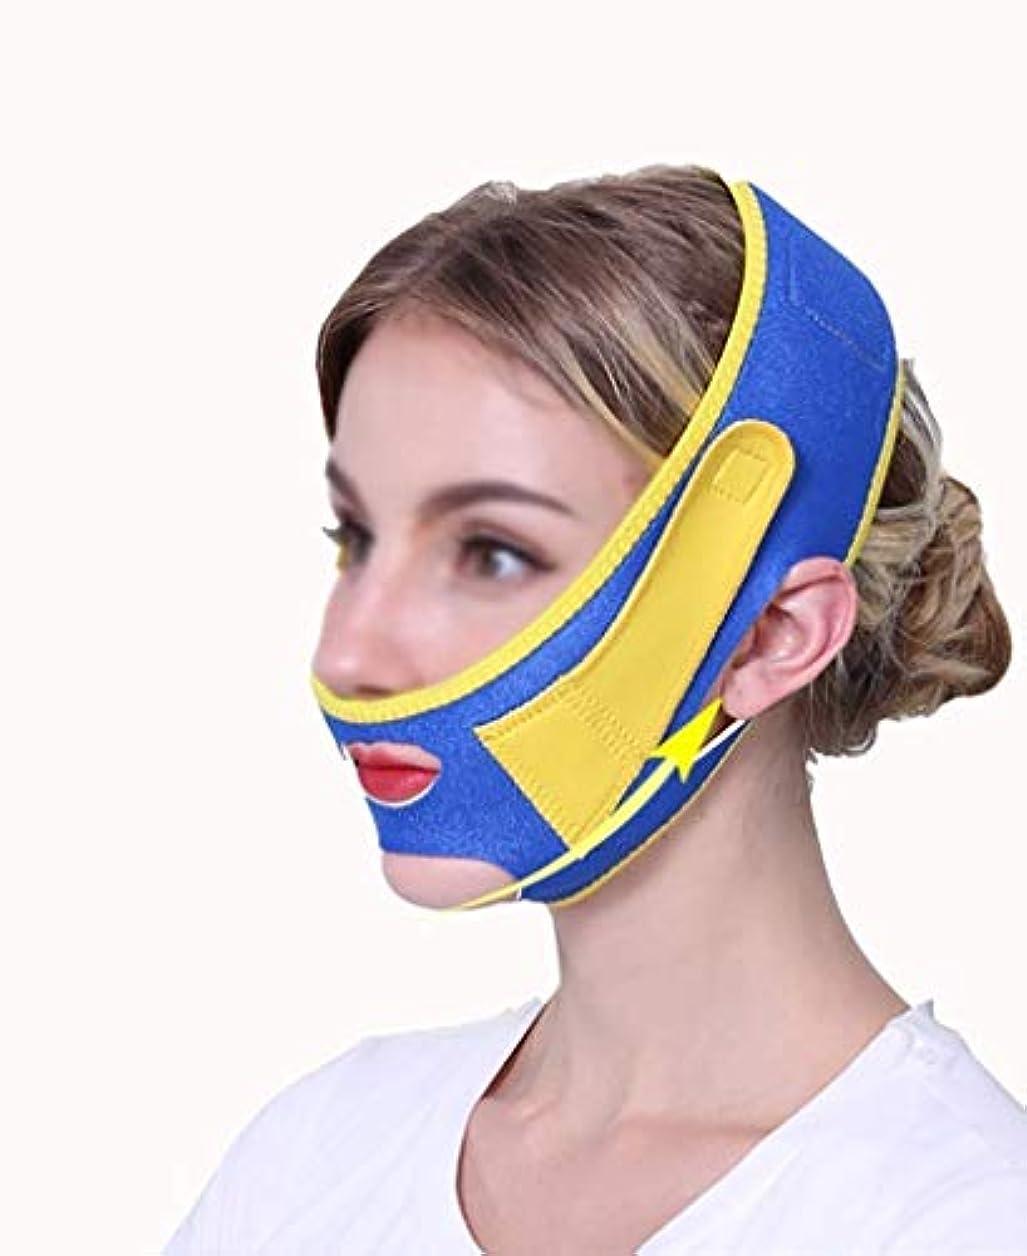 トリップ傑出した太字美容と実用的なフェイスリフトマスク、チンストラップ回復包帯薄いフェイスマスクVフェイスステッカーフェイスリフトステッカー韓国本物のリフティングファーミングリフトシェーピング薄いダブルチンフェイスリフト睡眠包帯アーティファクト